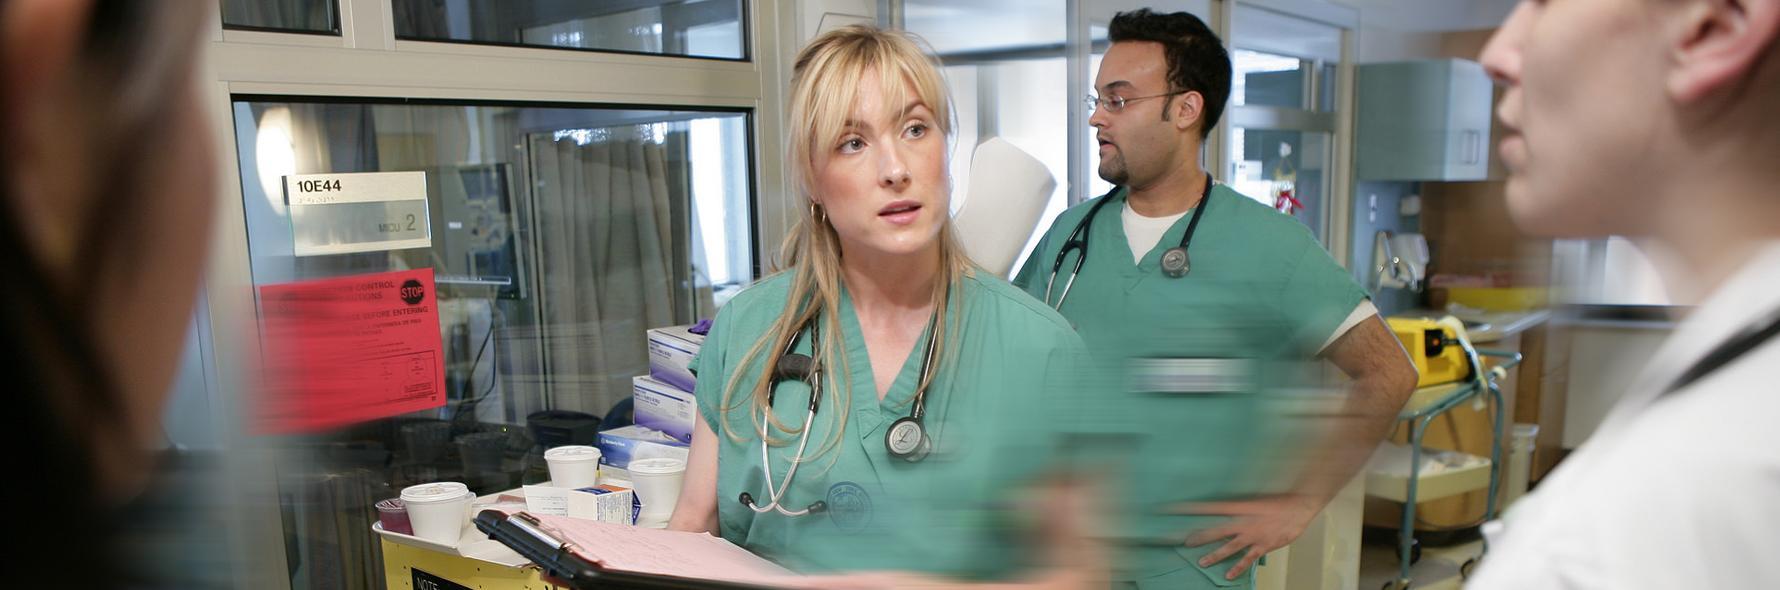 Emergency/Trauma | NYC Health + Hospitals/Bellevue